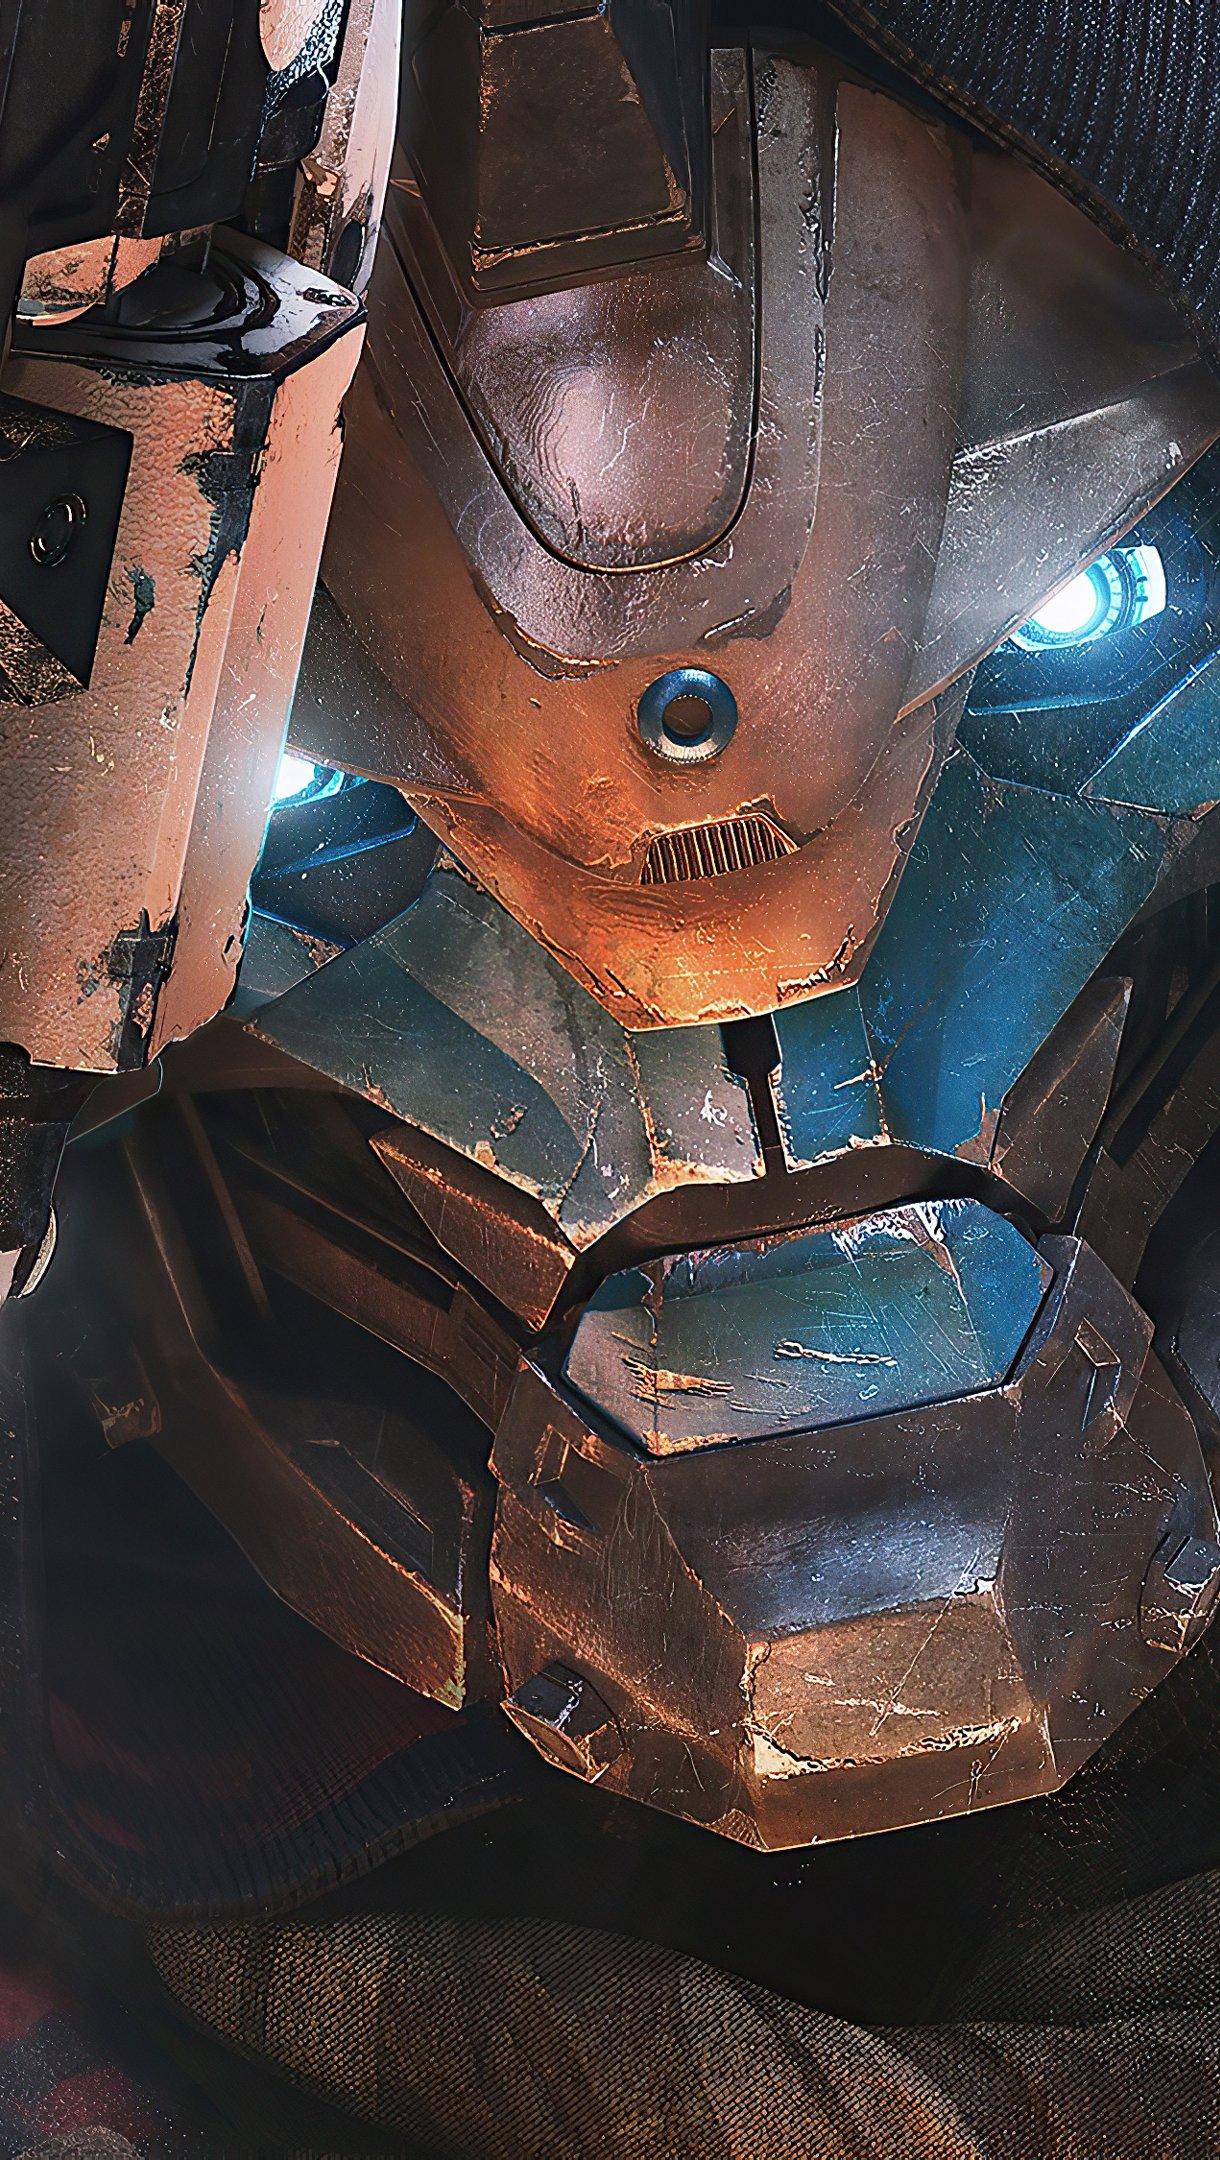 Fondos de pantalla Cayde 6 de Destiny 2 Vertical